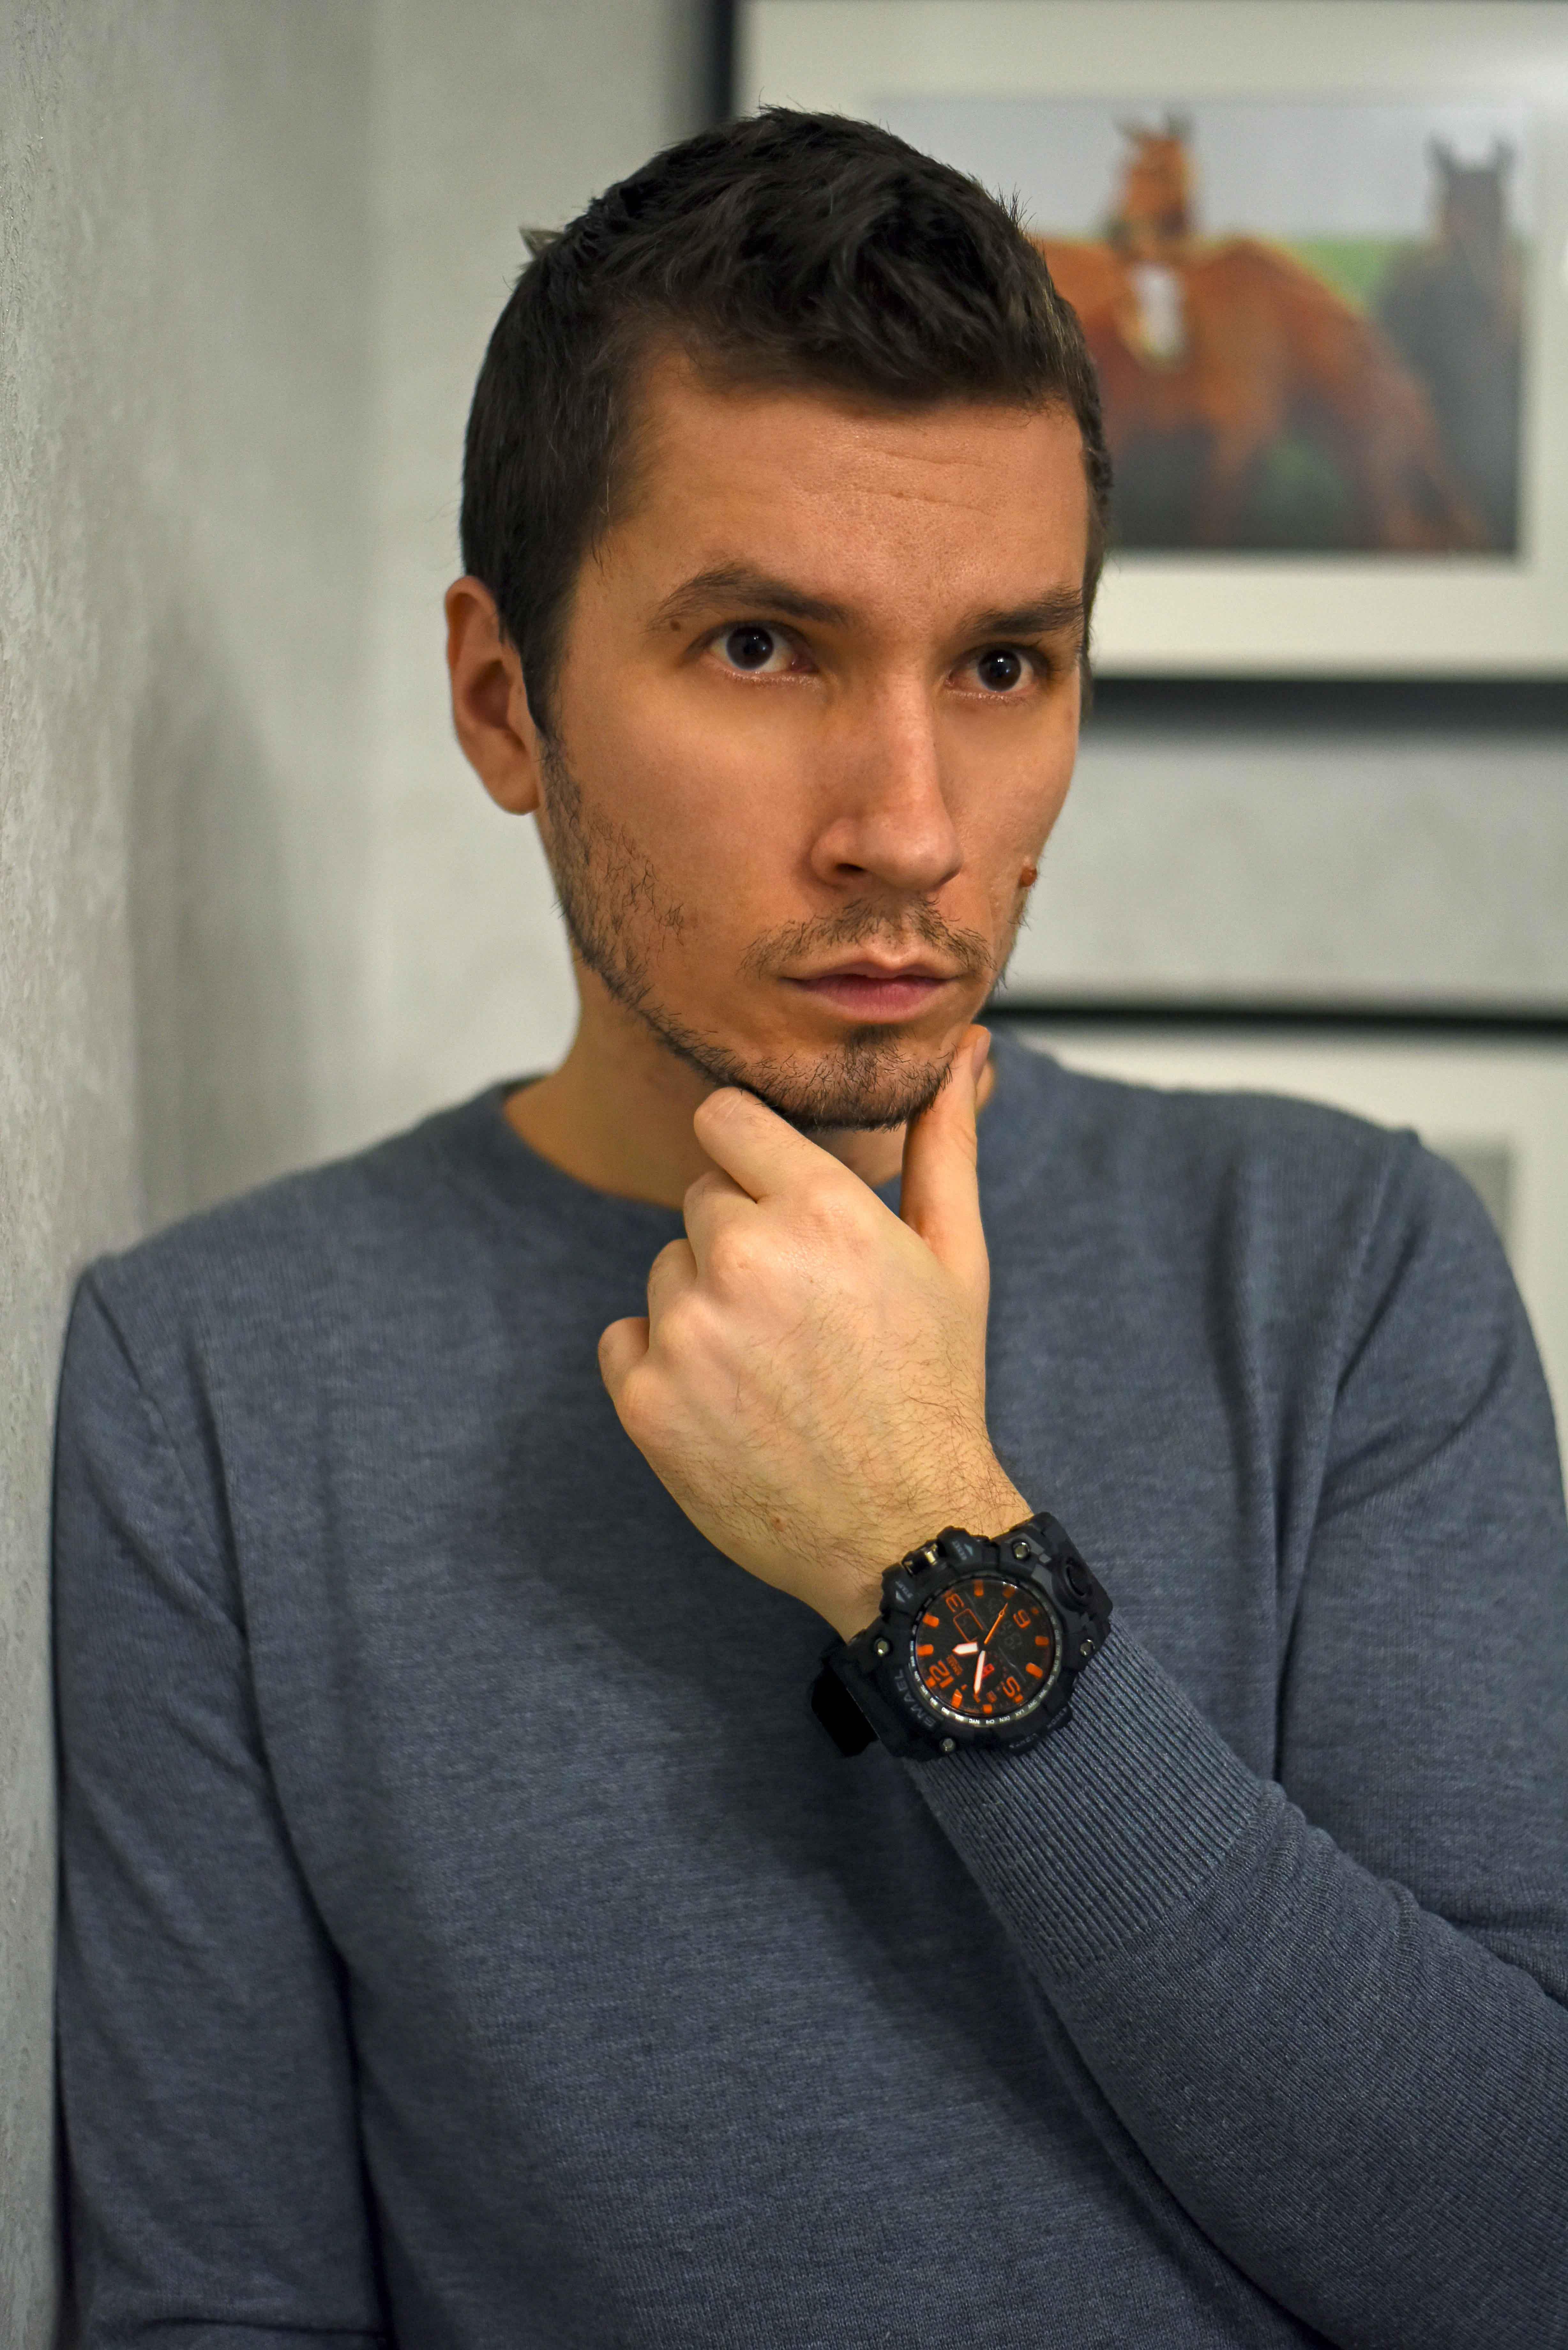 Брутальные наручные часы бренда  Smael